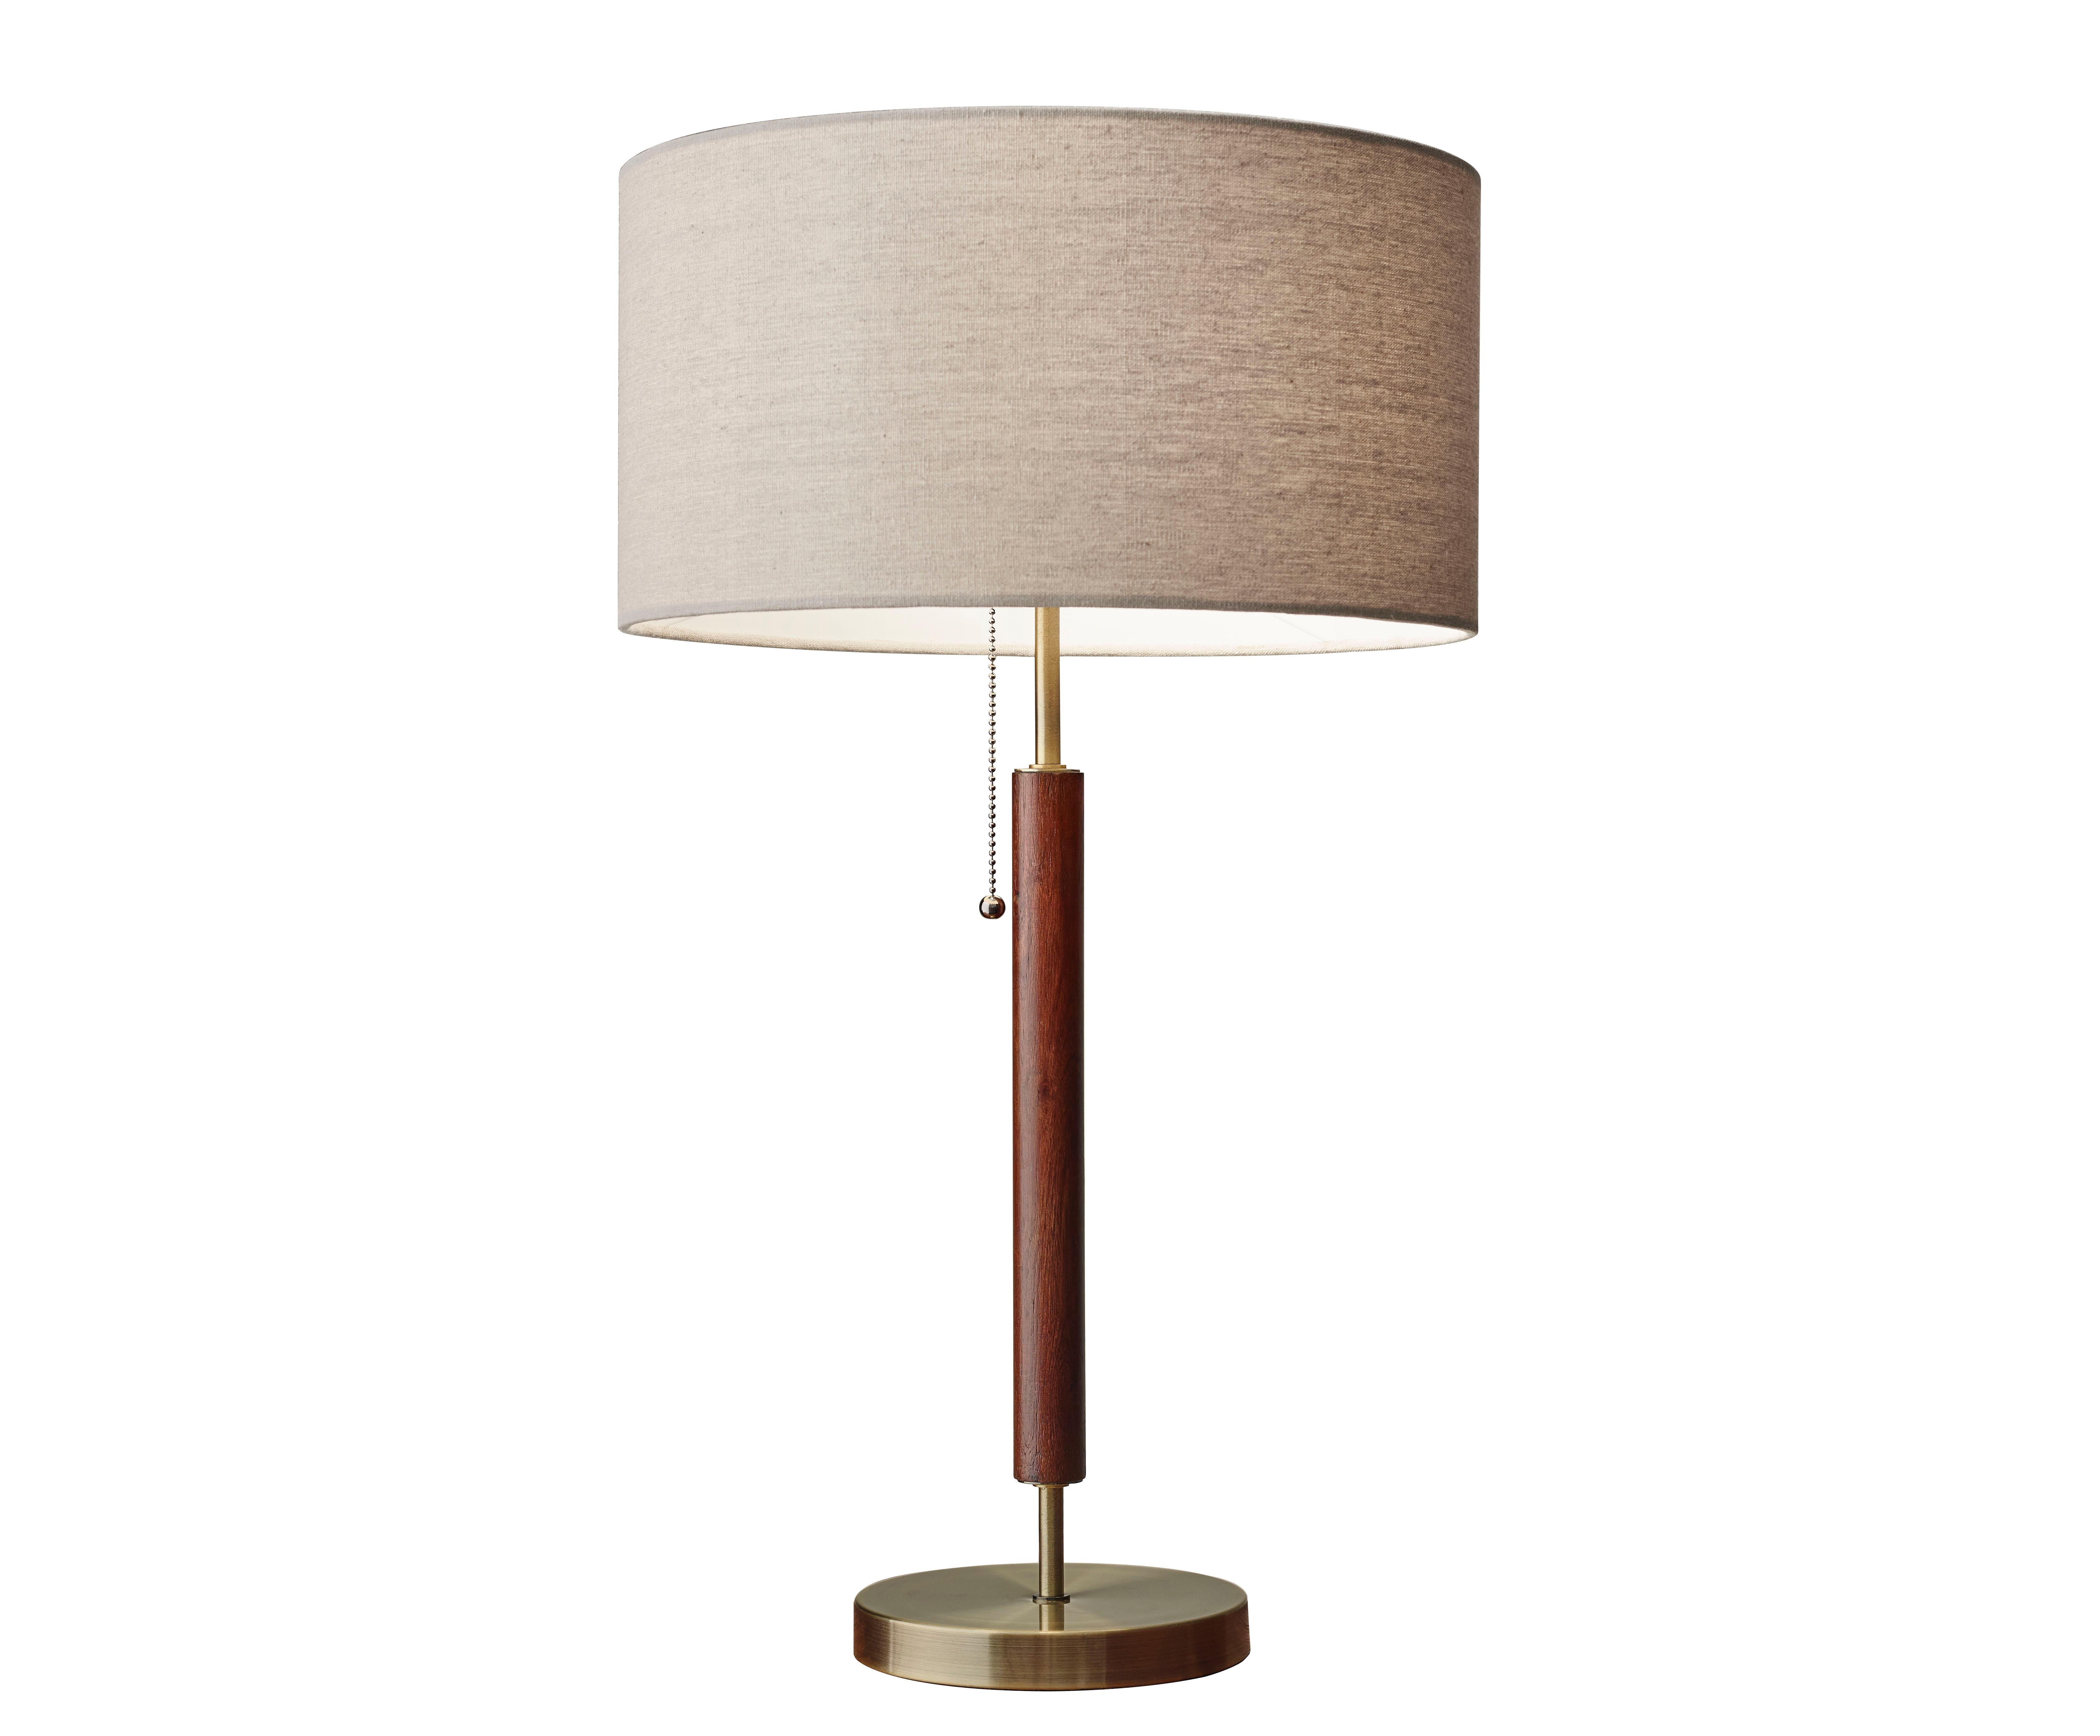 Hansen table lamp st508522